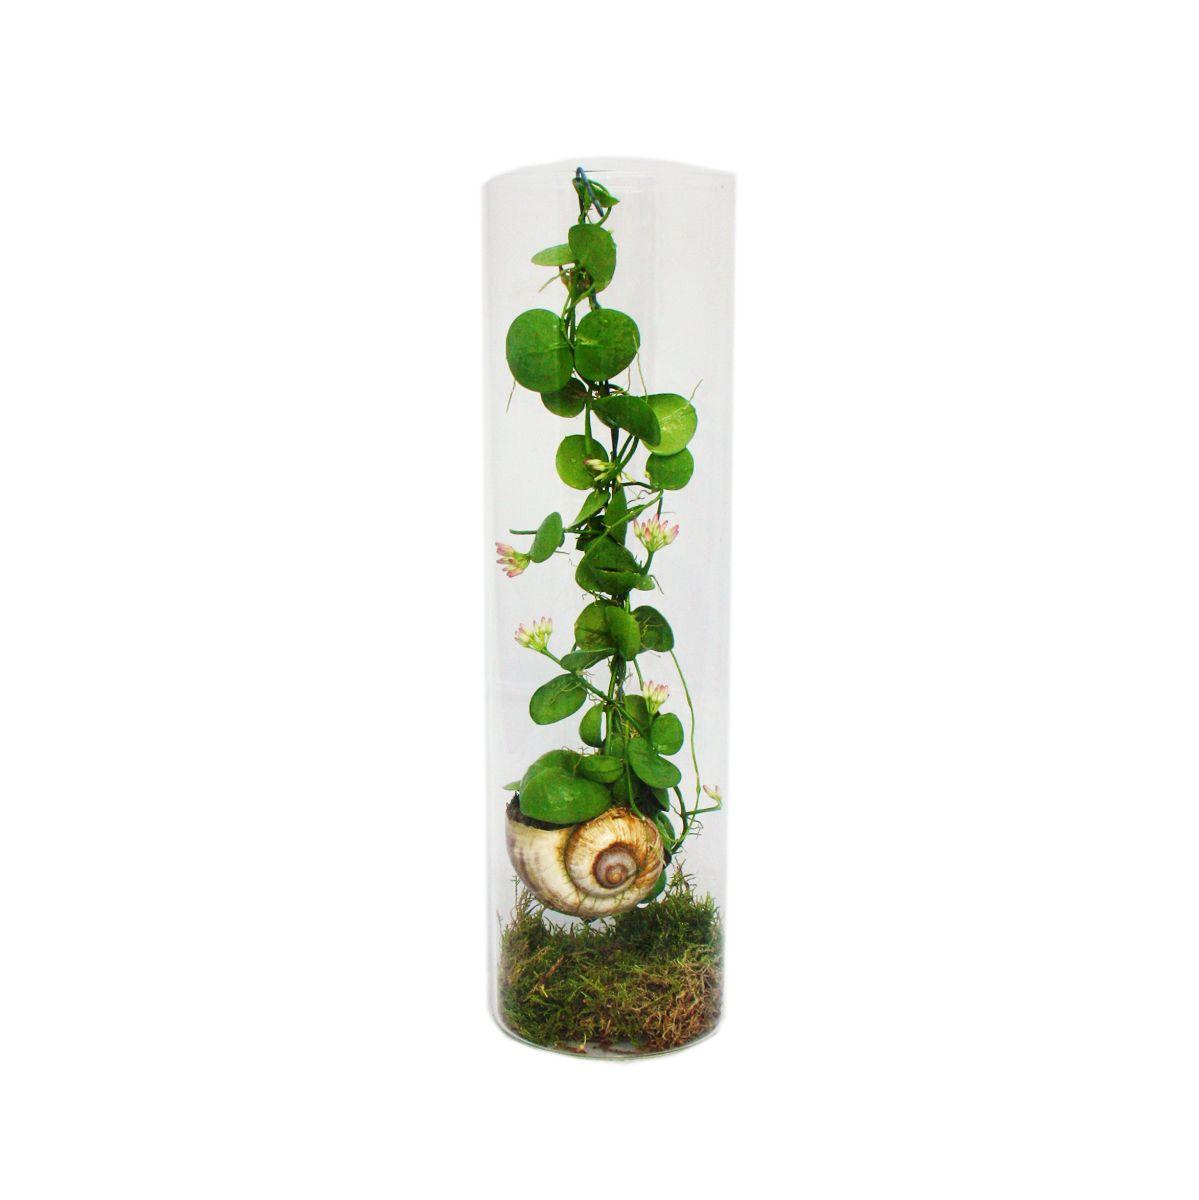 die schneckenhauspflanze snaily dischidia pectenoides im acrylglas zylinde. Black Bedroom Furniture Sets. Home Design Ideas